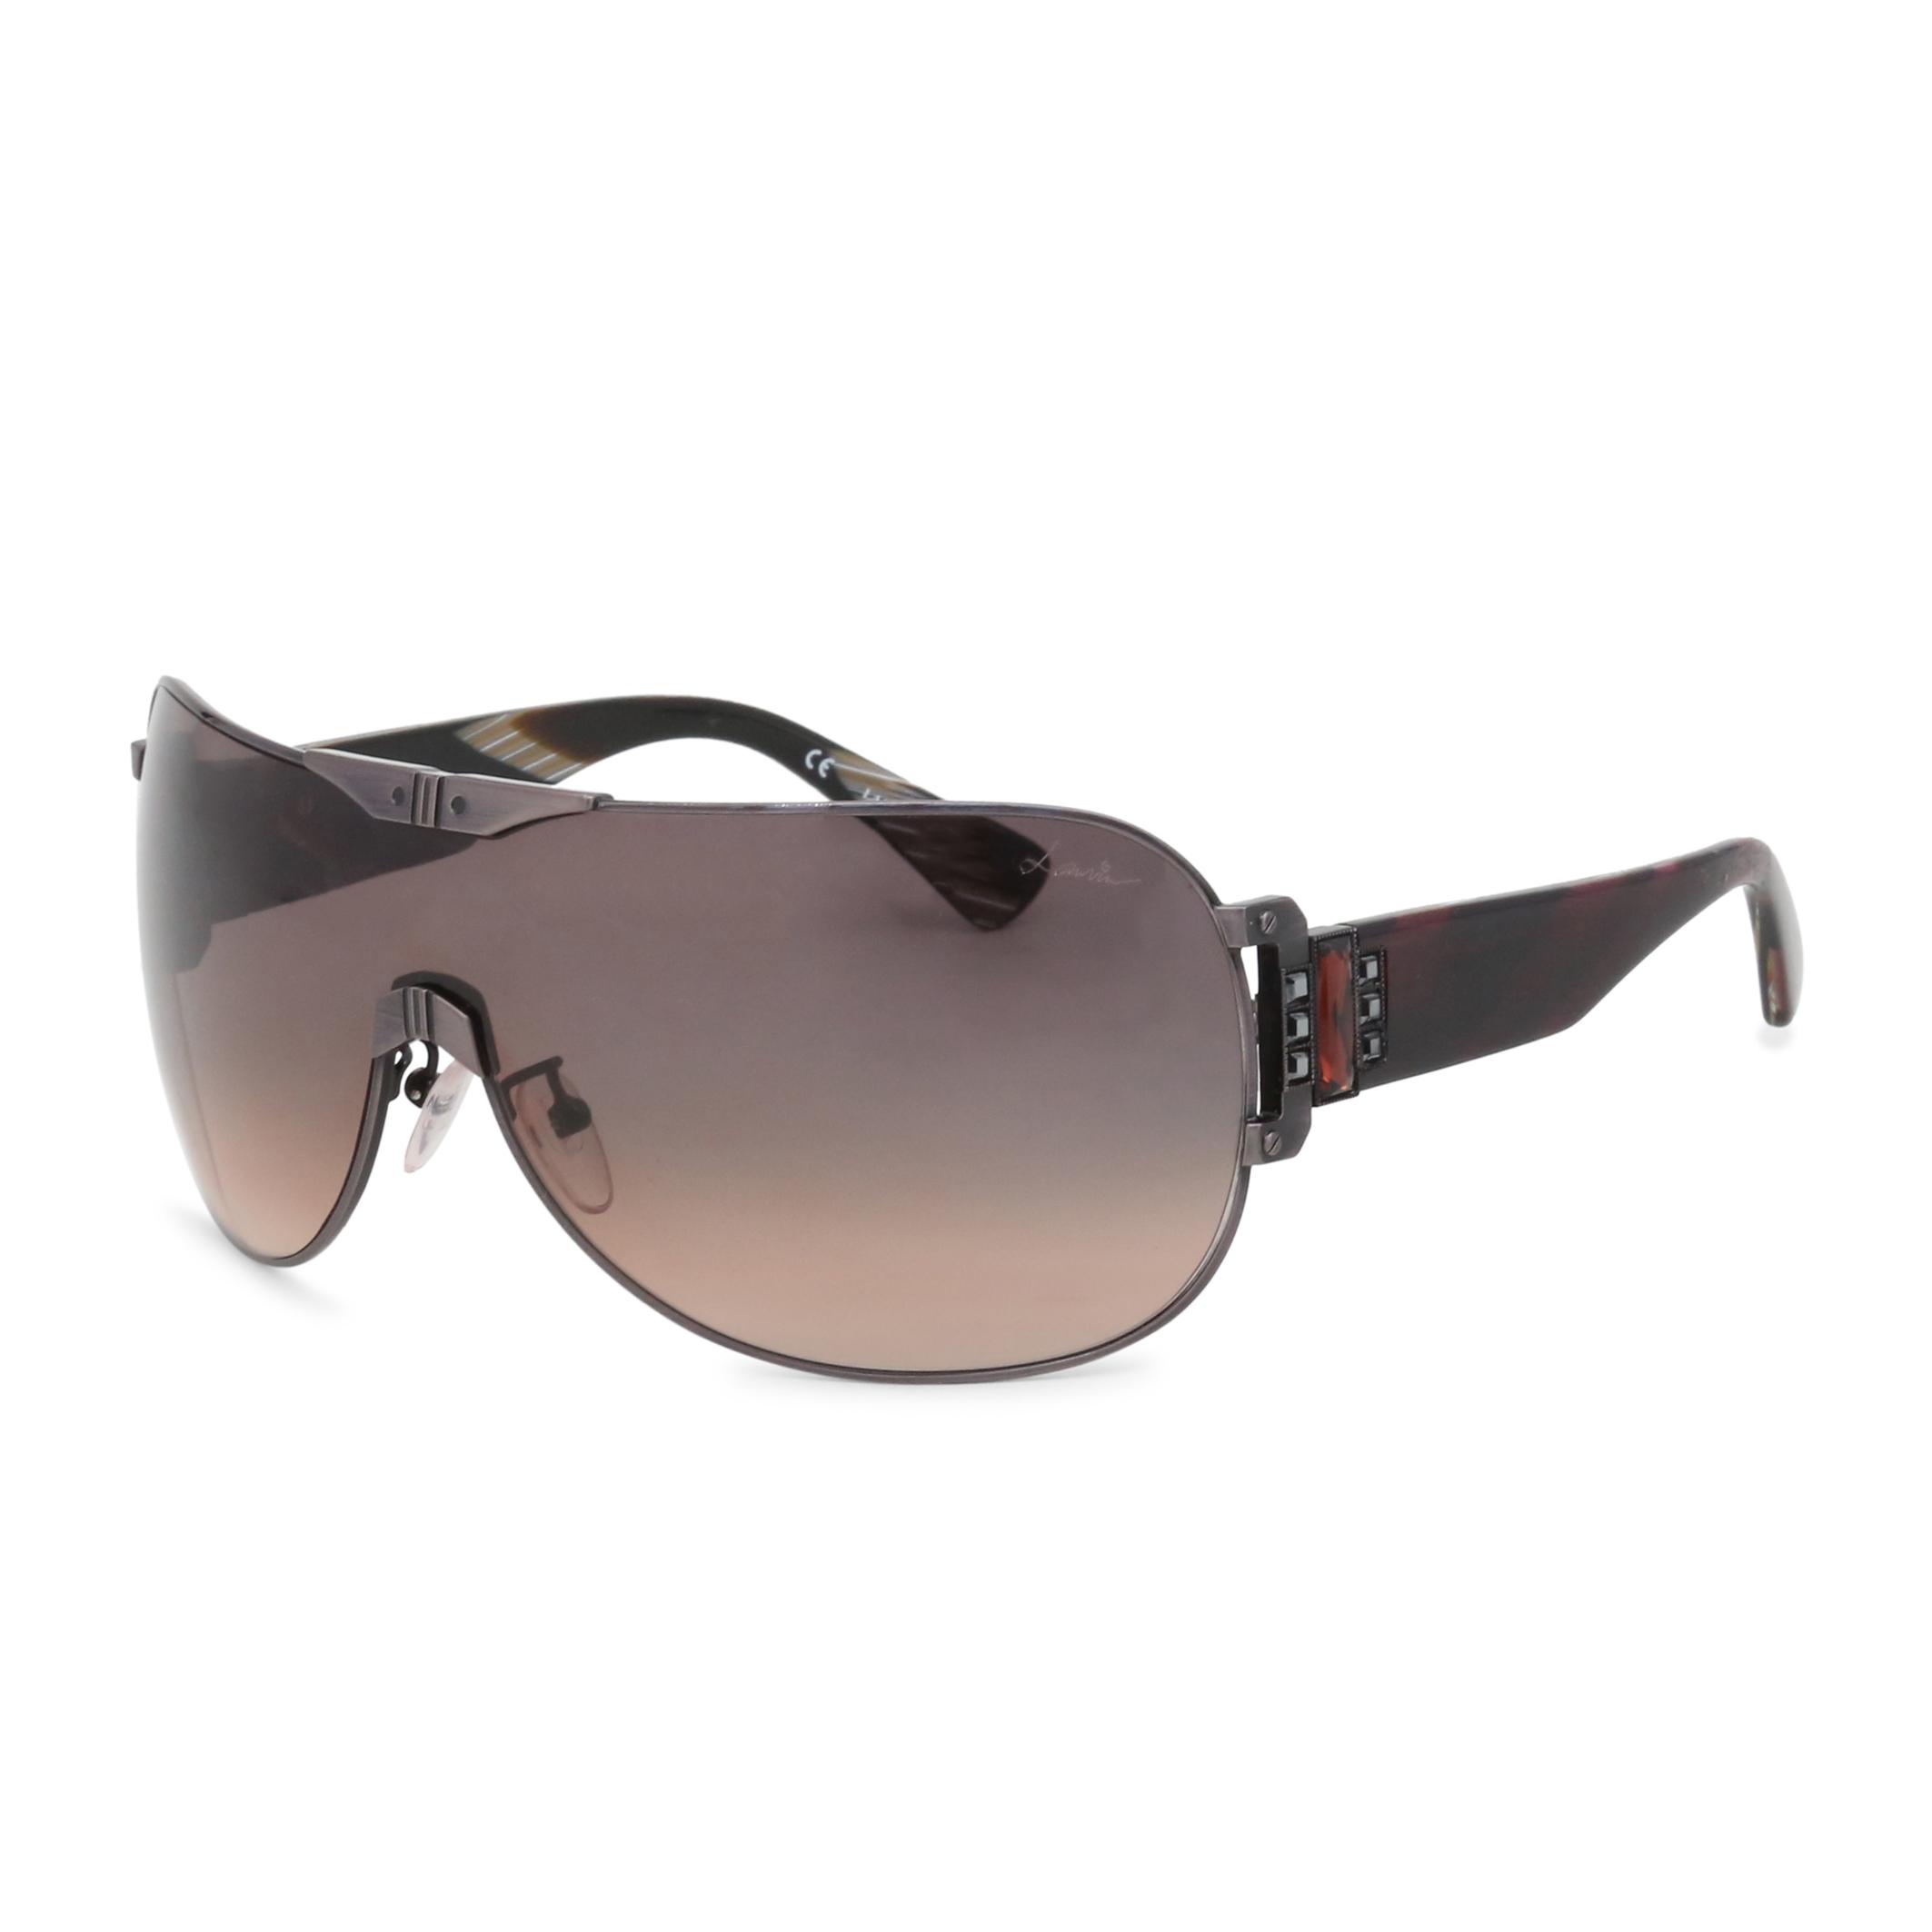 Ochelari de soare Lanvin SLN027S Mov